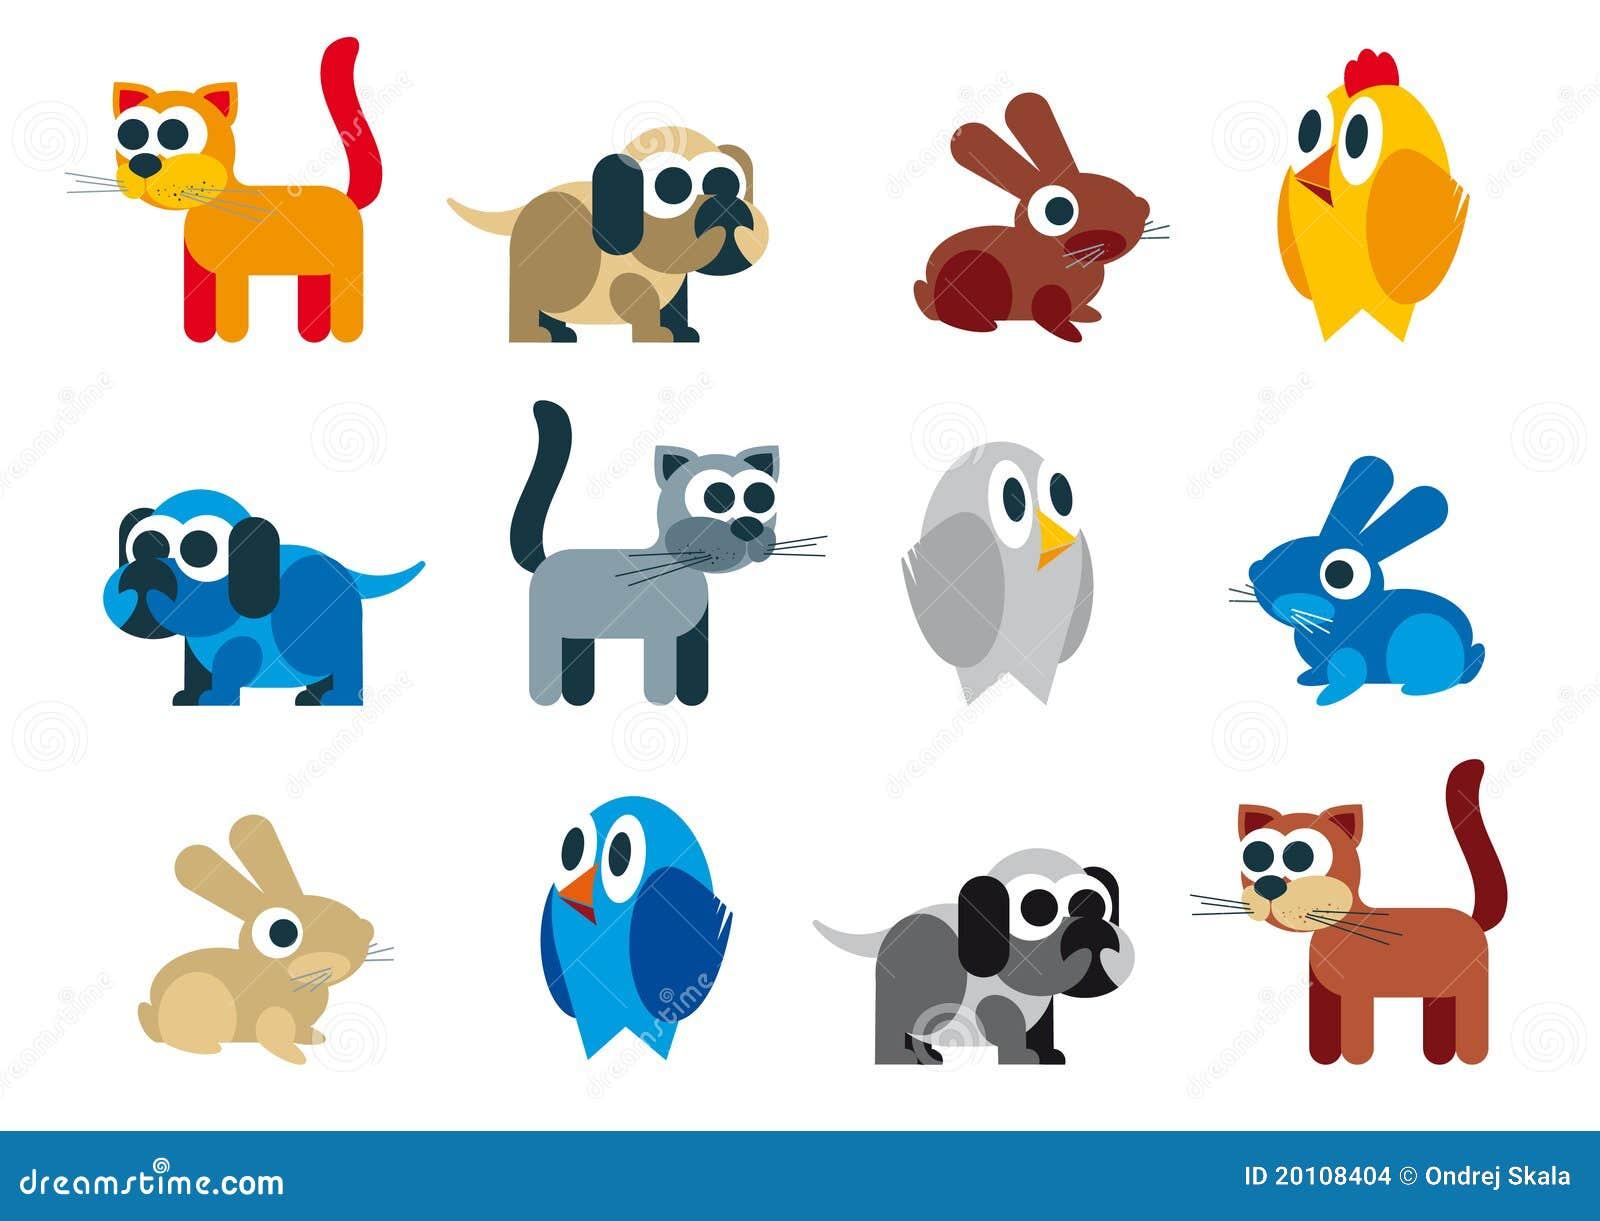 Caricatura ingénua da quadriculação dos animais